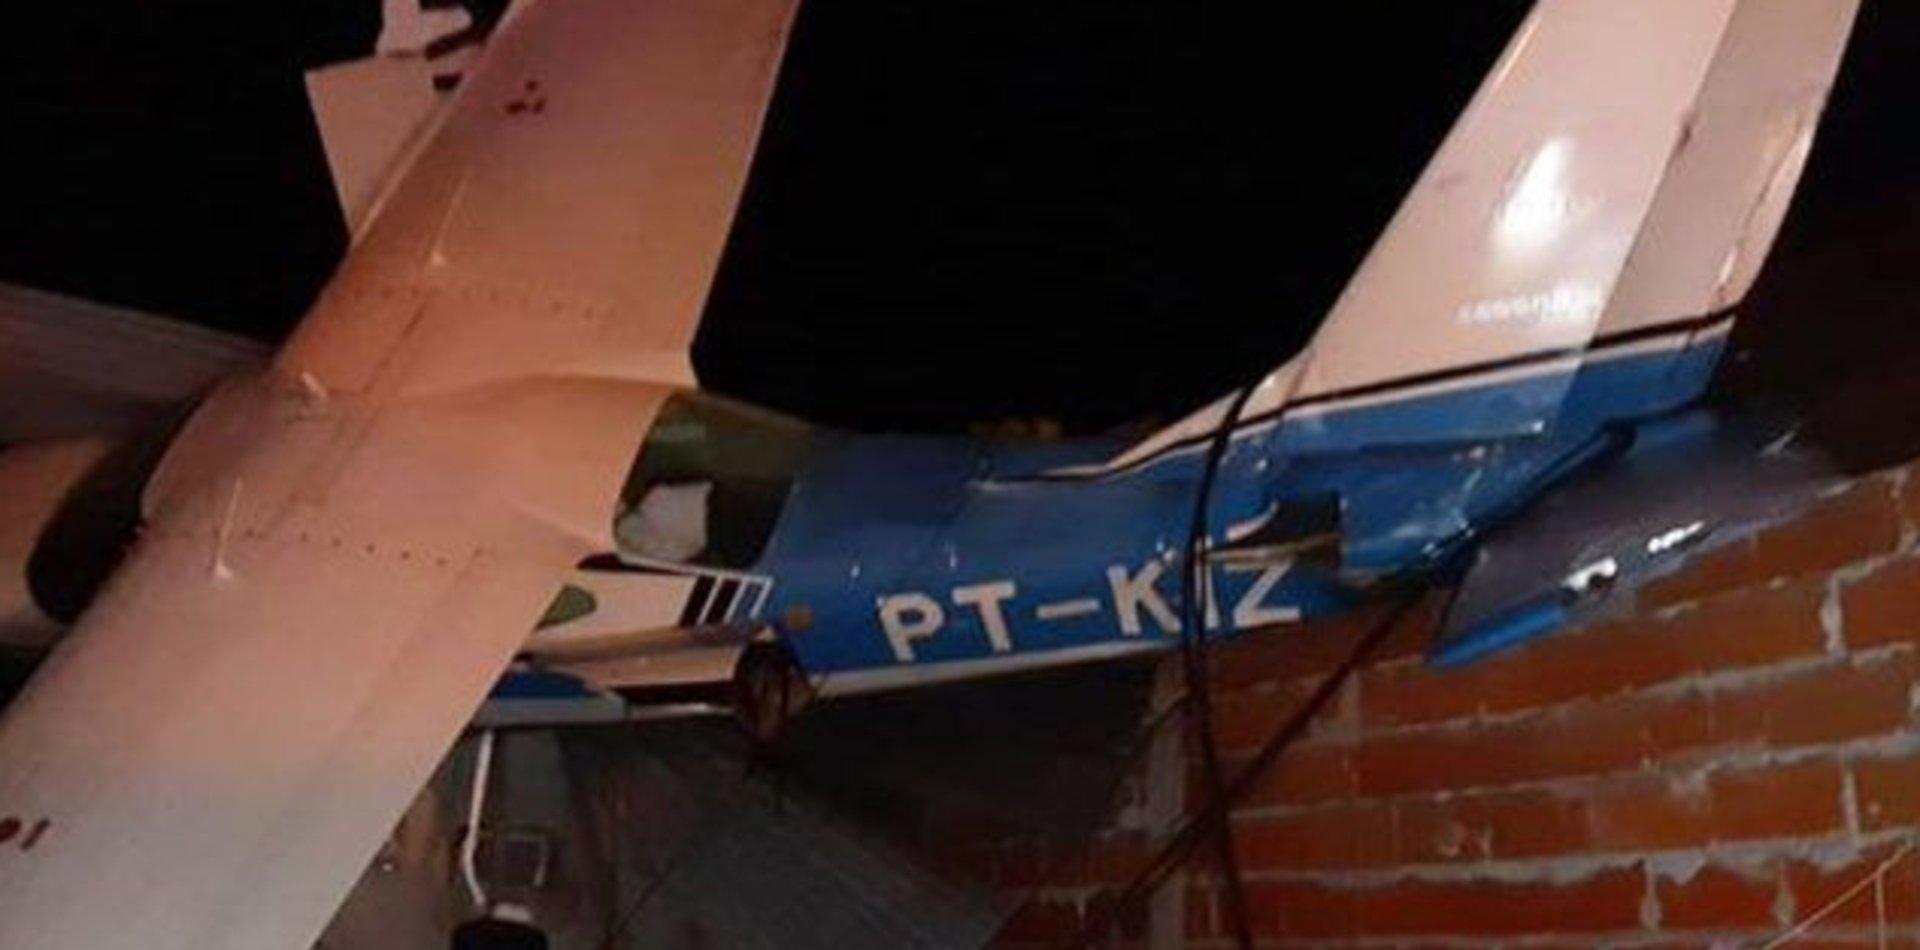 Increíble: una avioneta cayó arriba de una casa y los pasajeros salieron ilesos